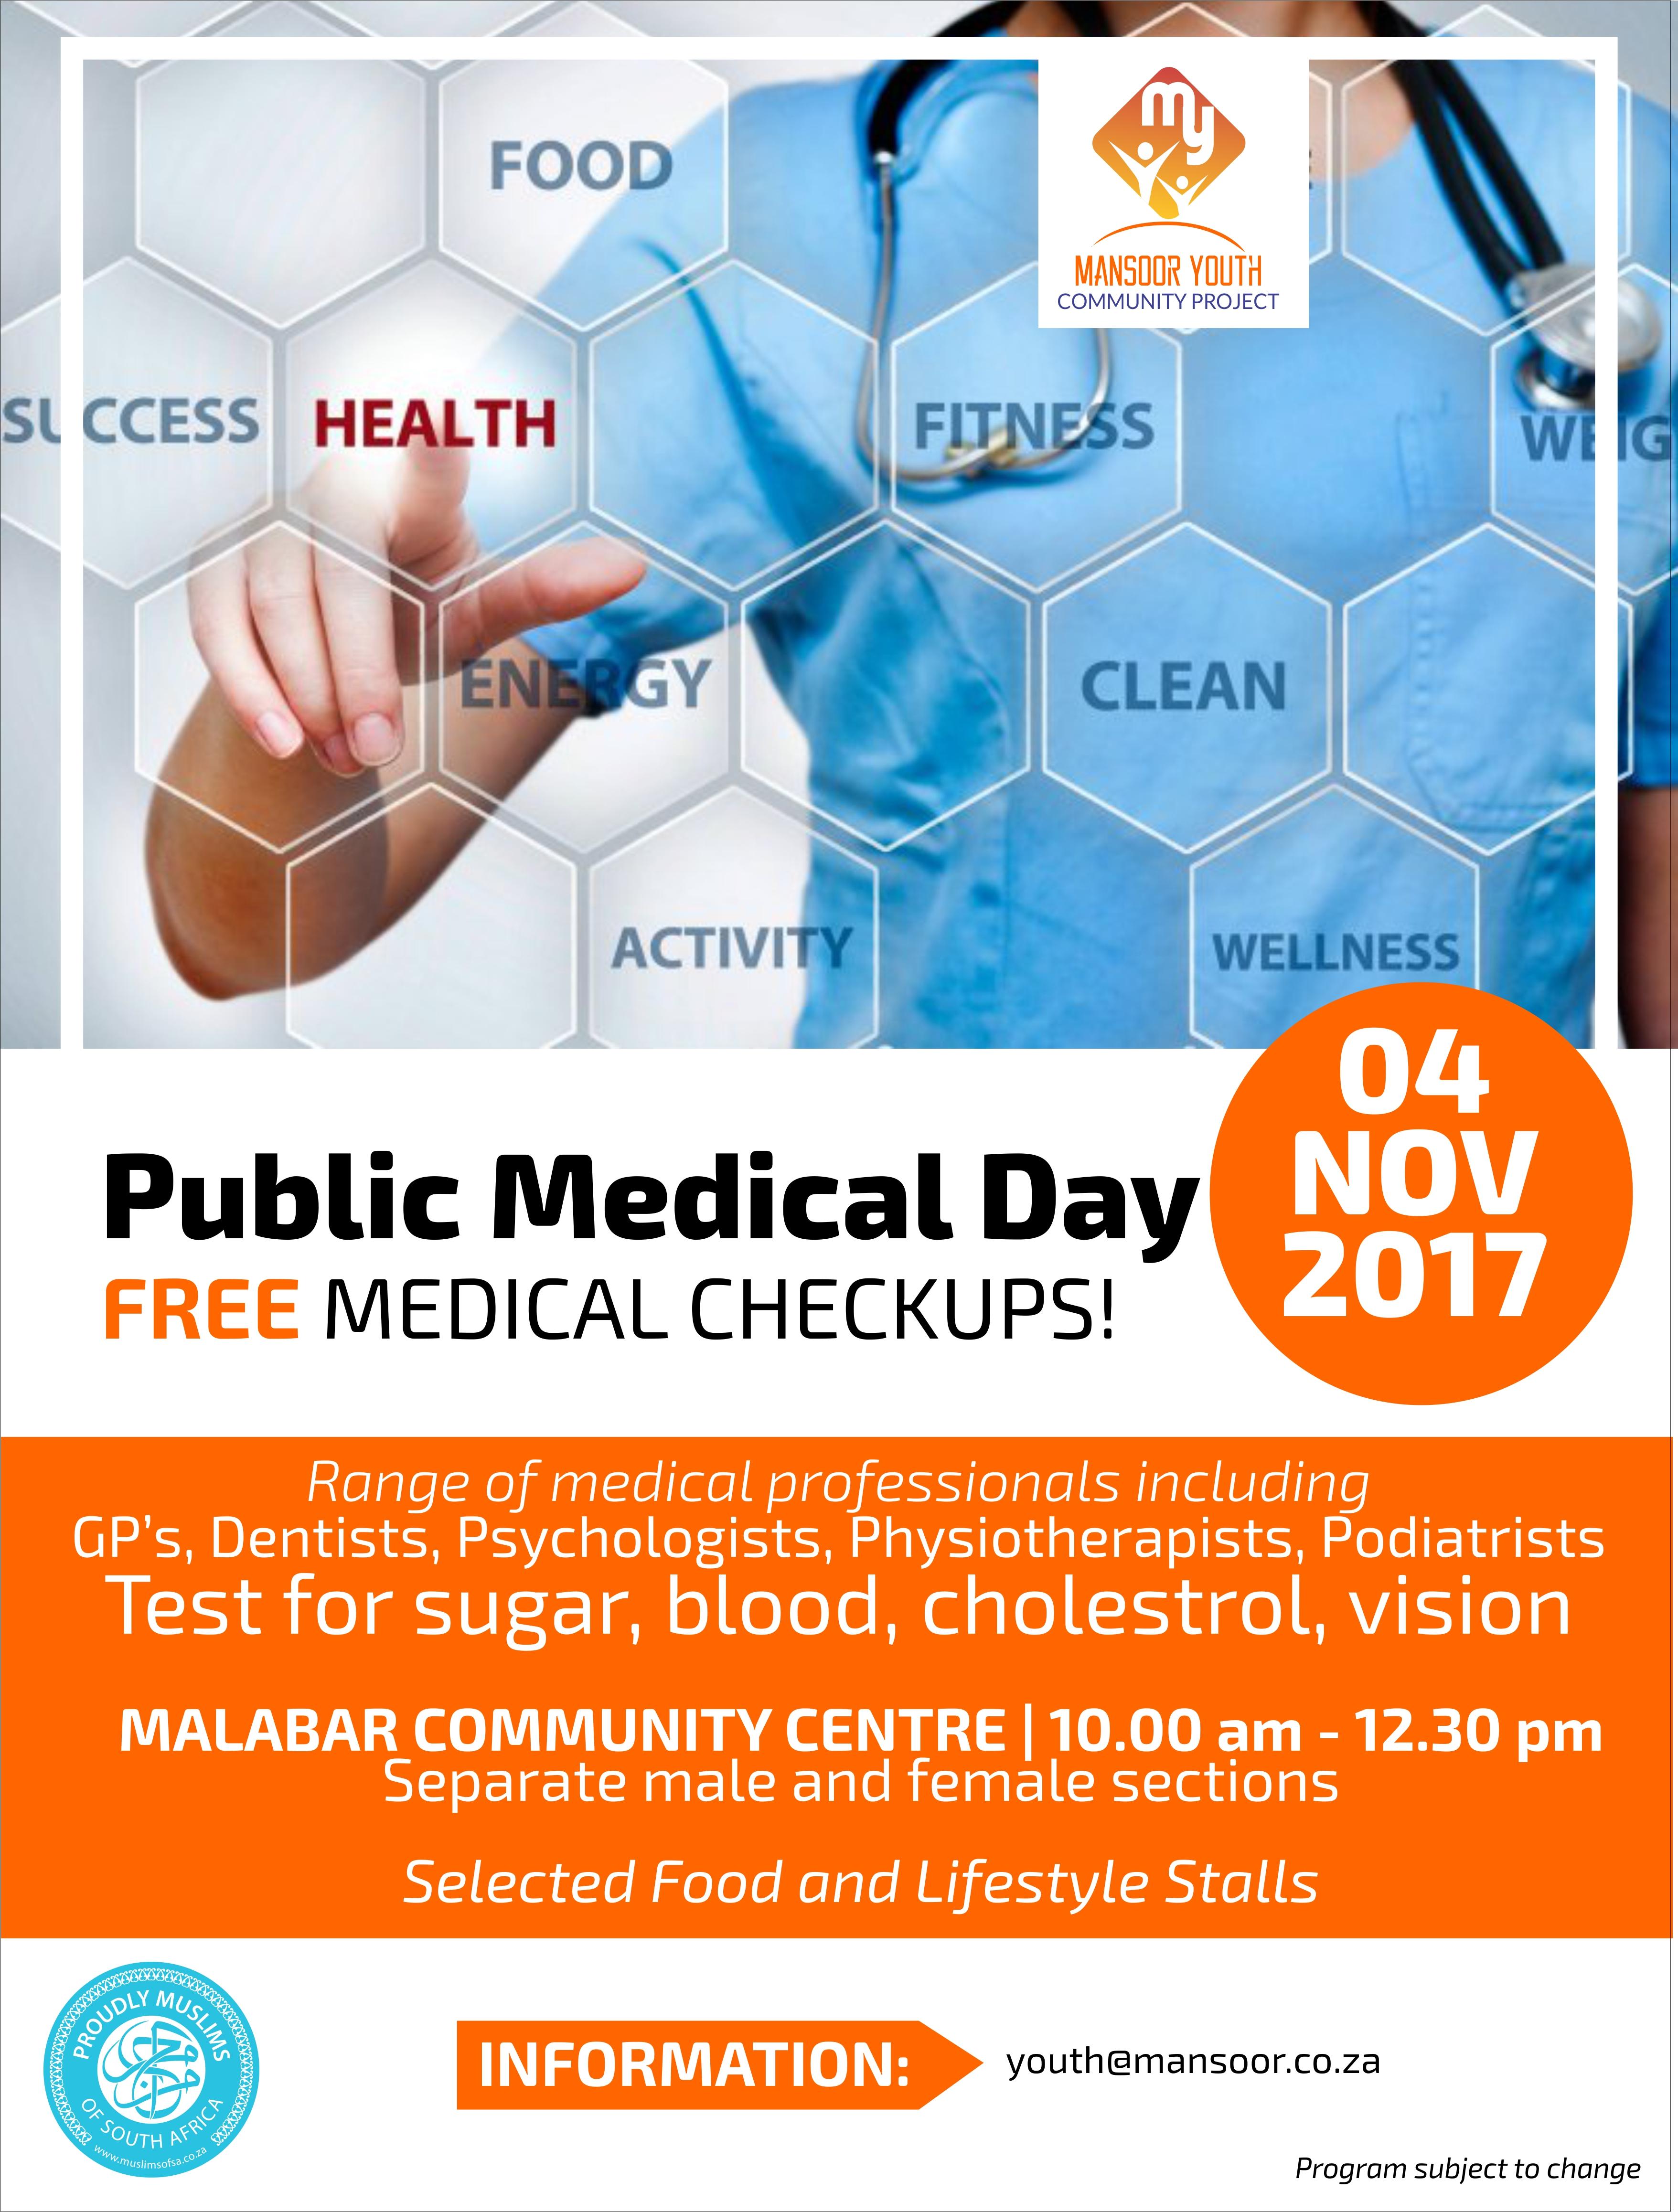 Public Medical Day